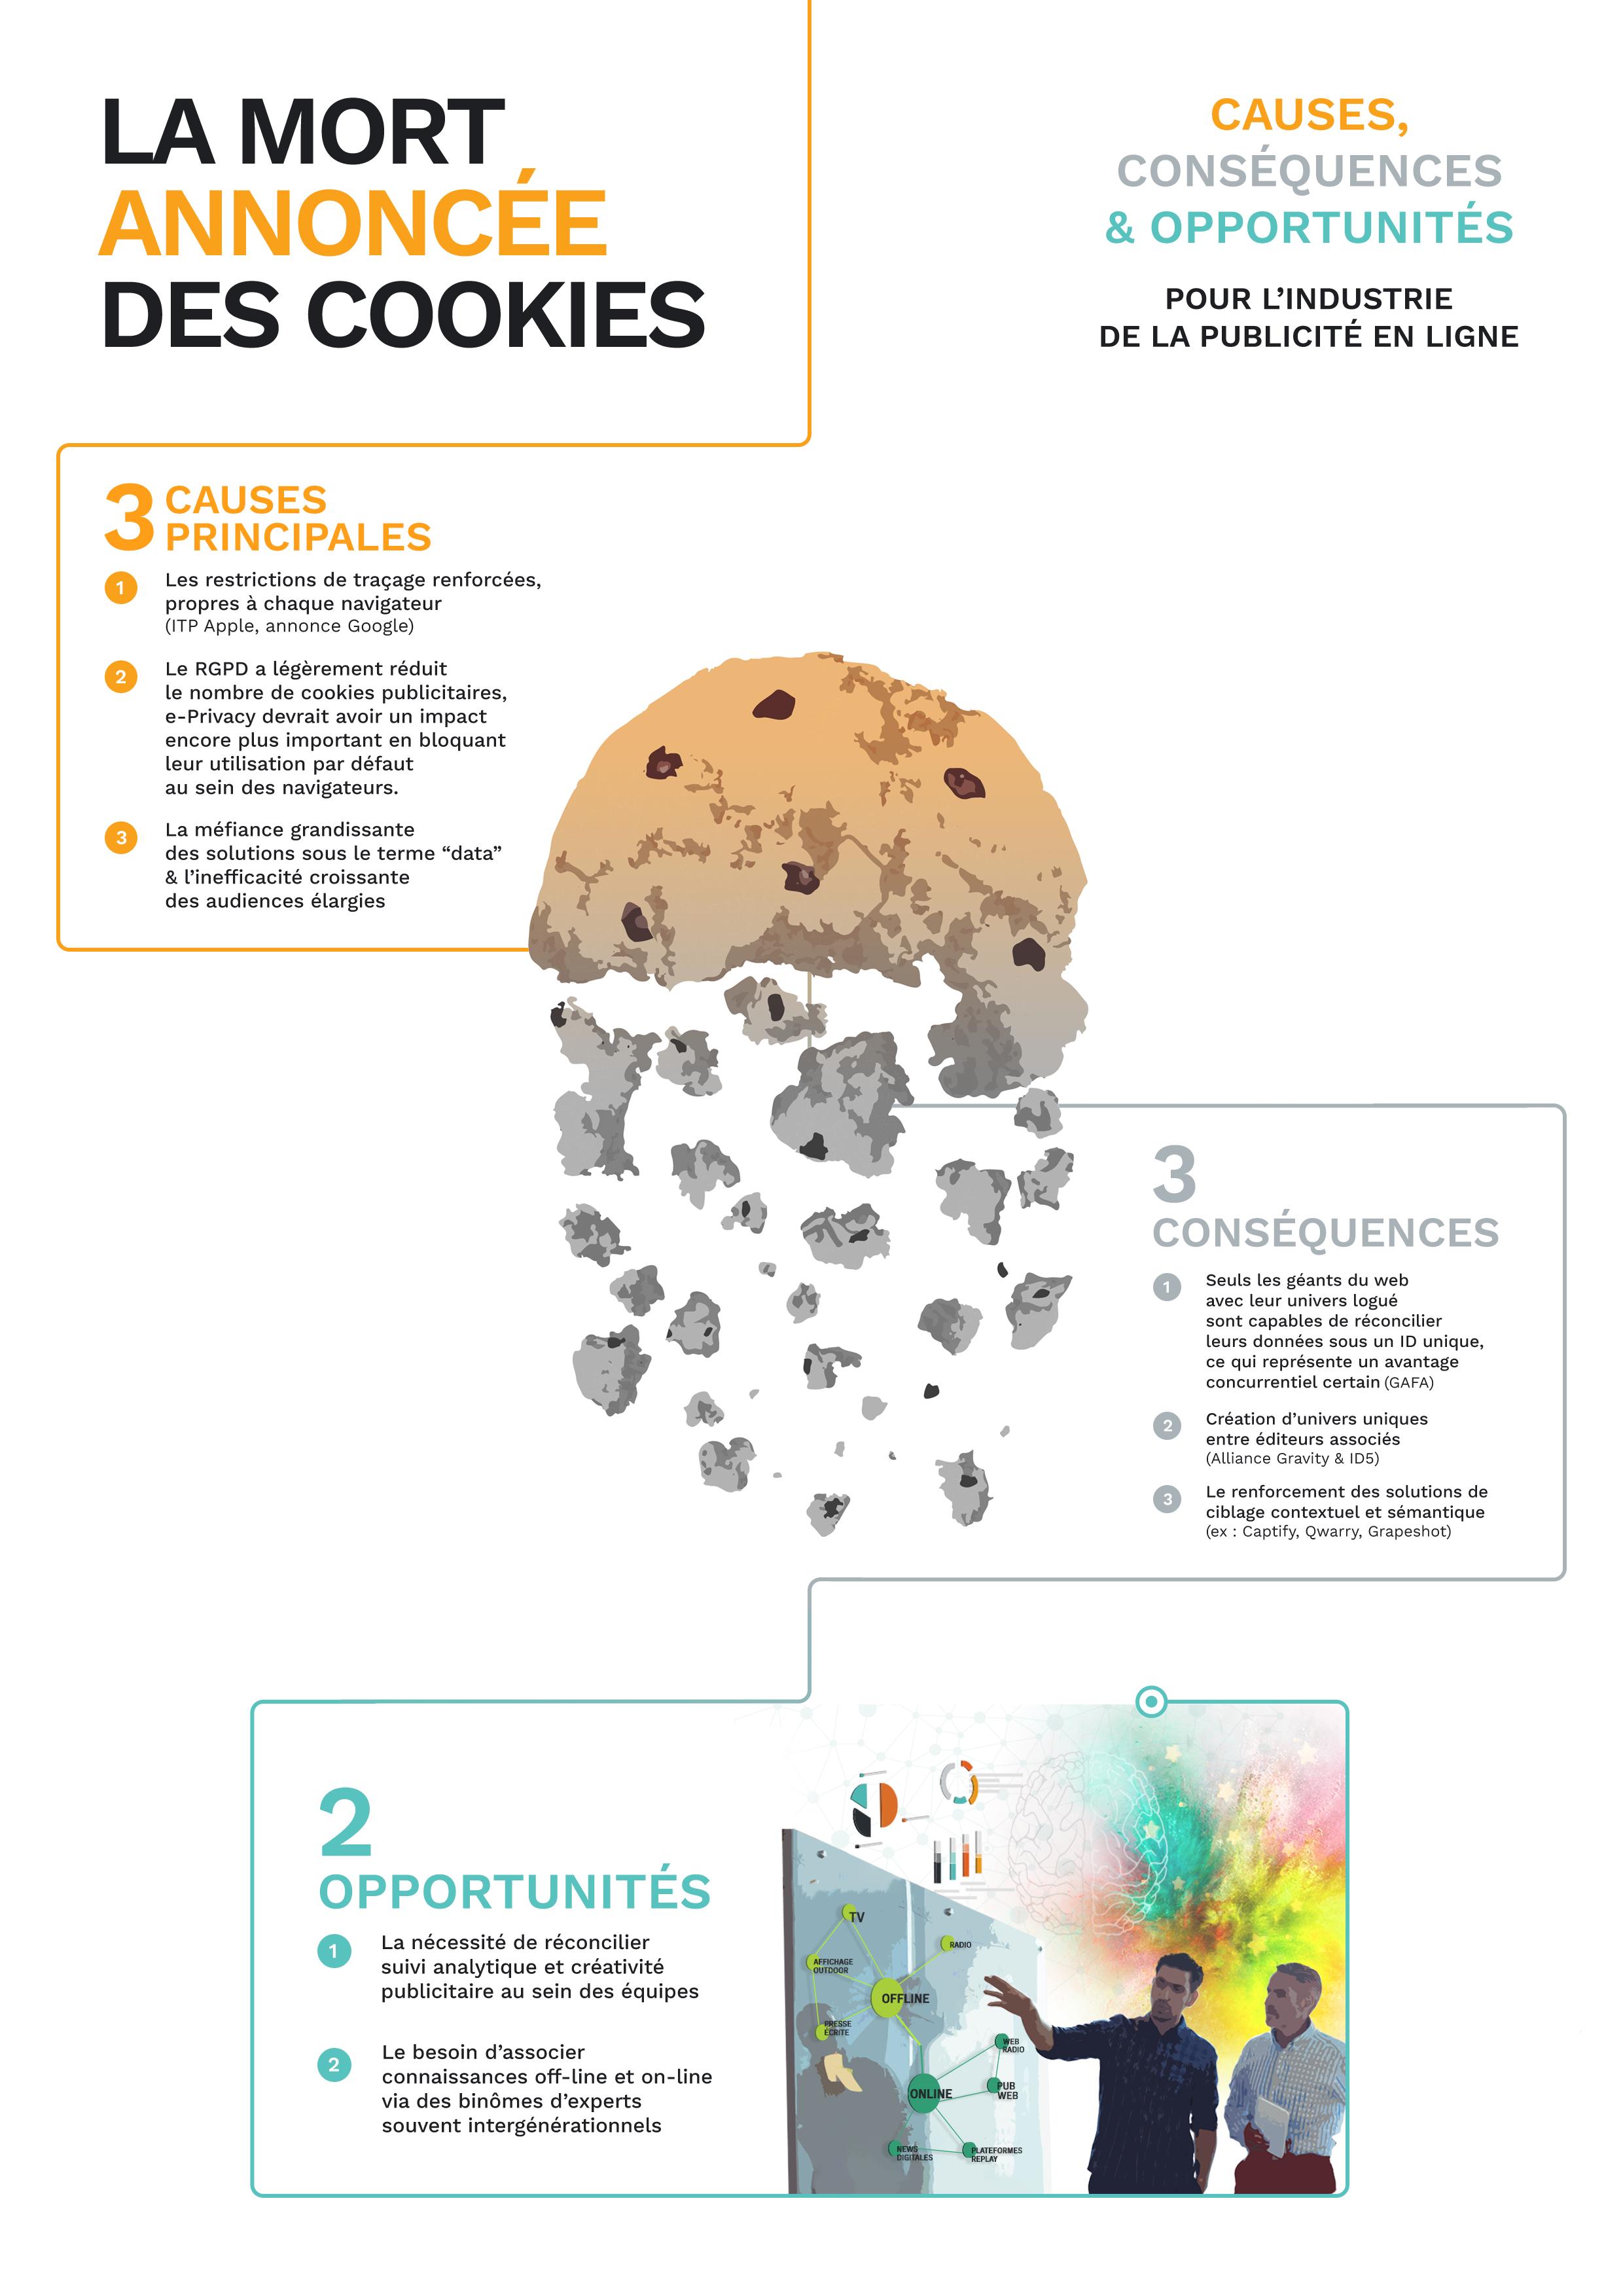 infographie sur les causes, conséquences et opportunités de la mort annoncées des cookies